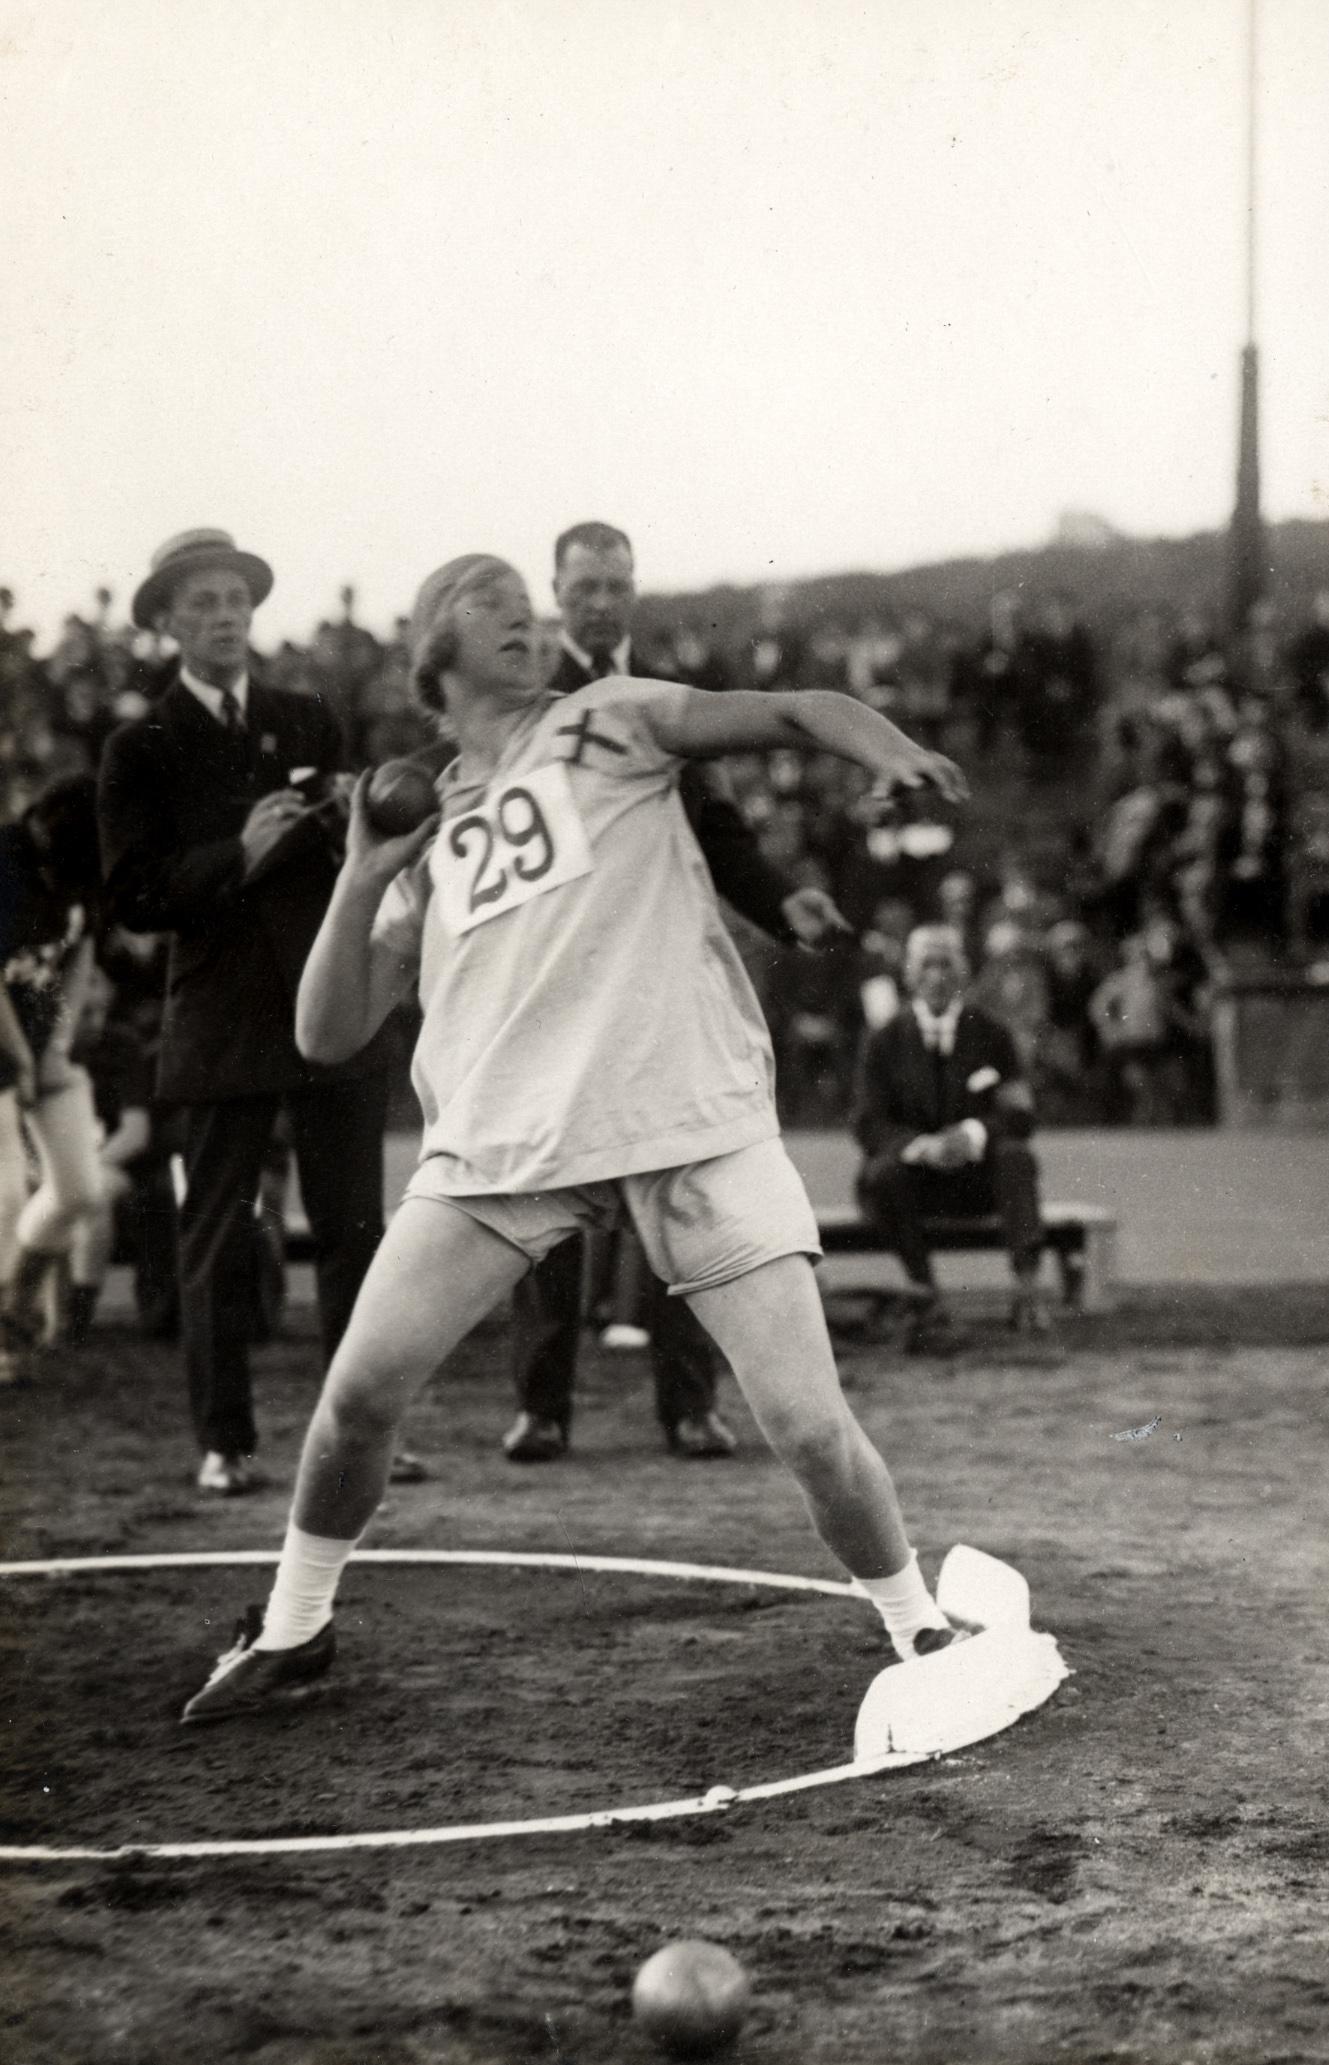 Elsa Svensson-Sanfridsson vid Andra Internationella Kvinnliga Idrottsspelen i Göteborg, 1926. Foto: Bertil Norberg, Svenska Bildcentralen (KvinnSam, Göteborgs universitetsbibliotek)